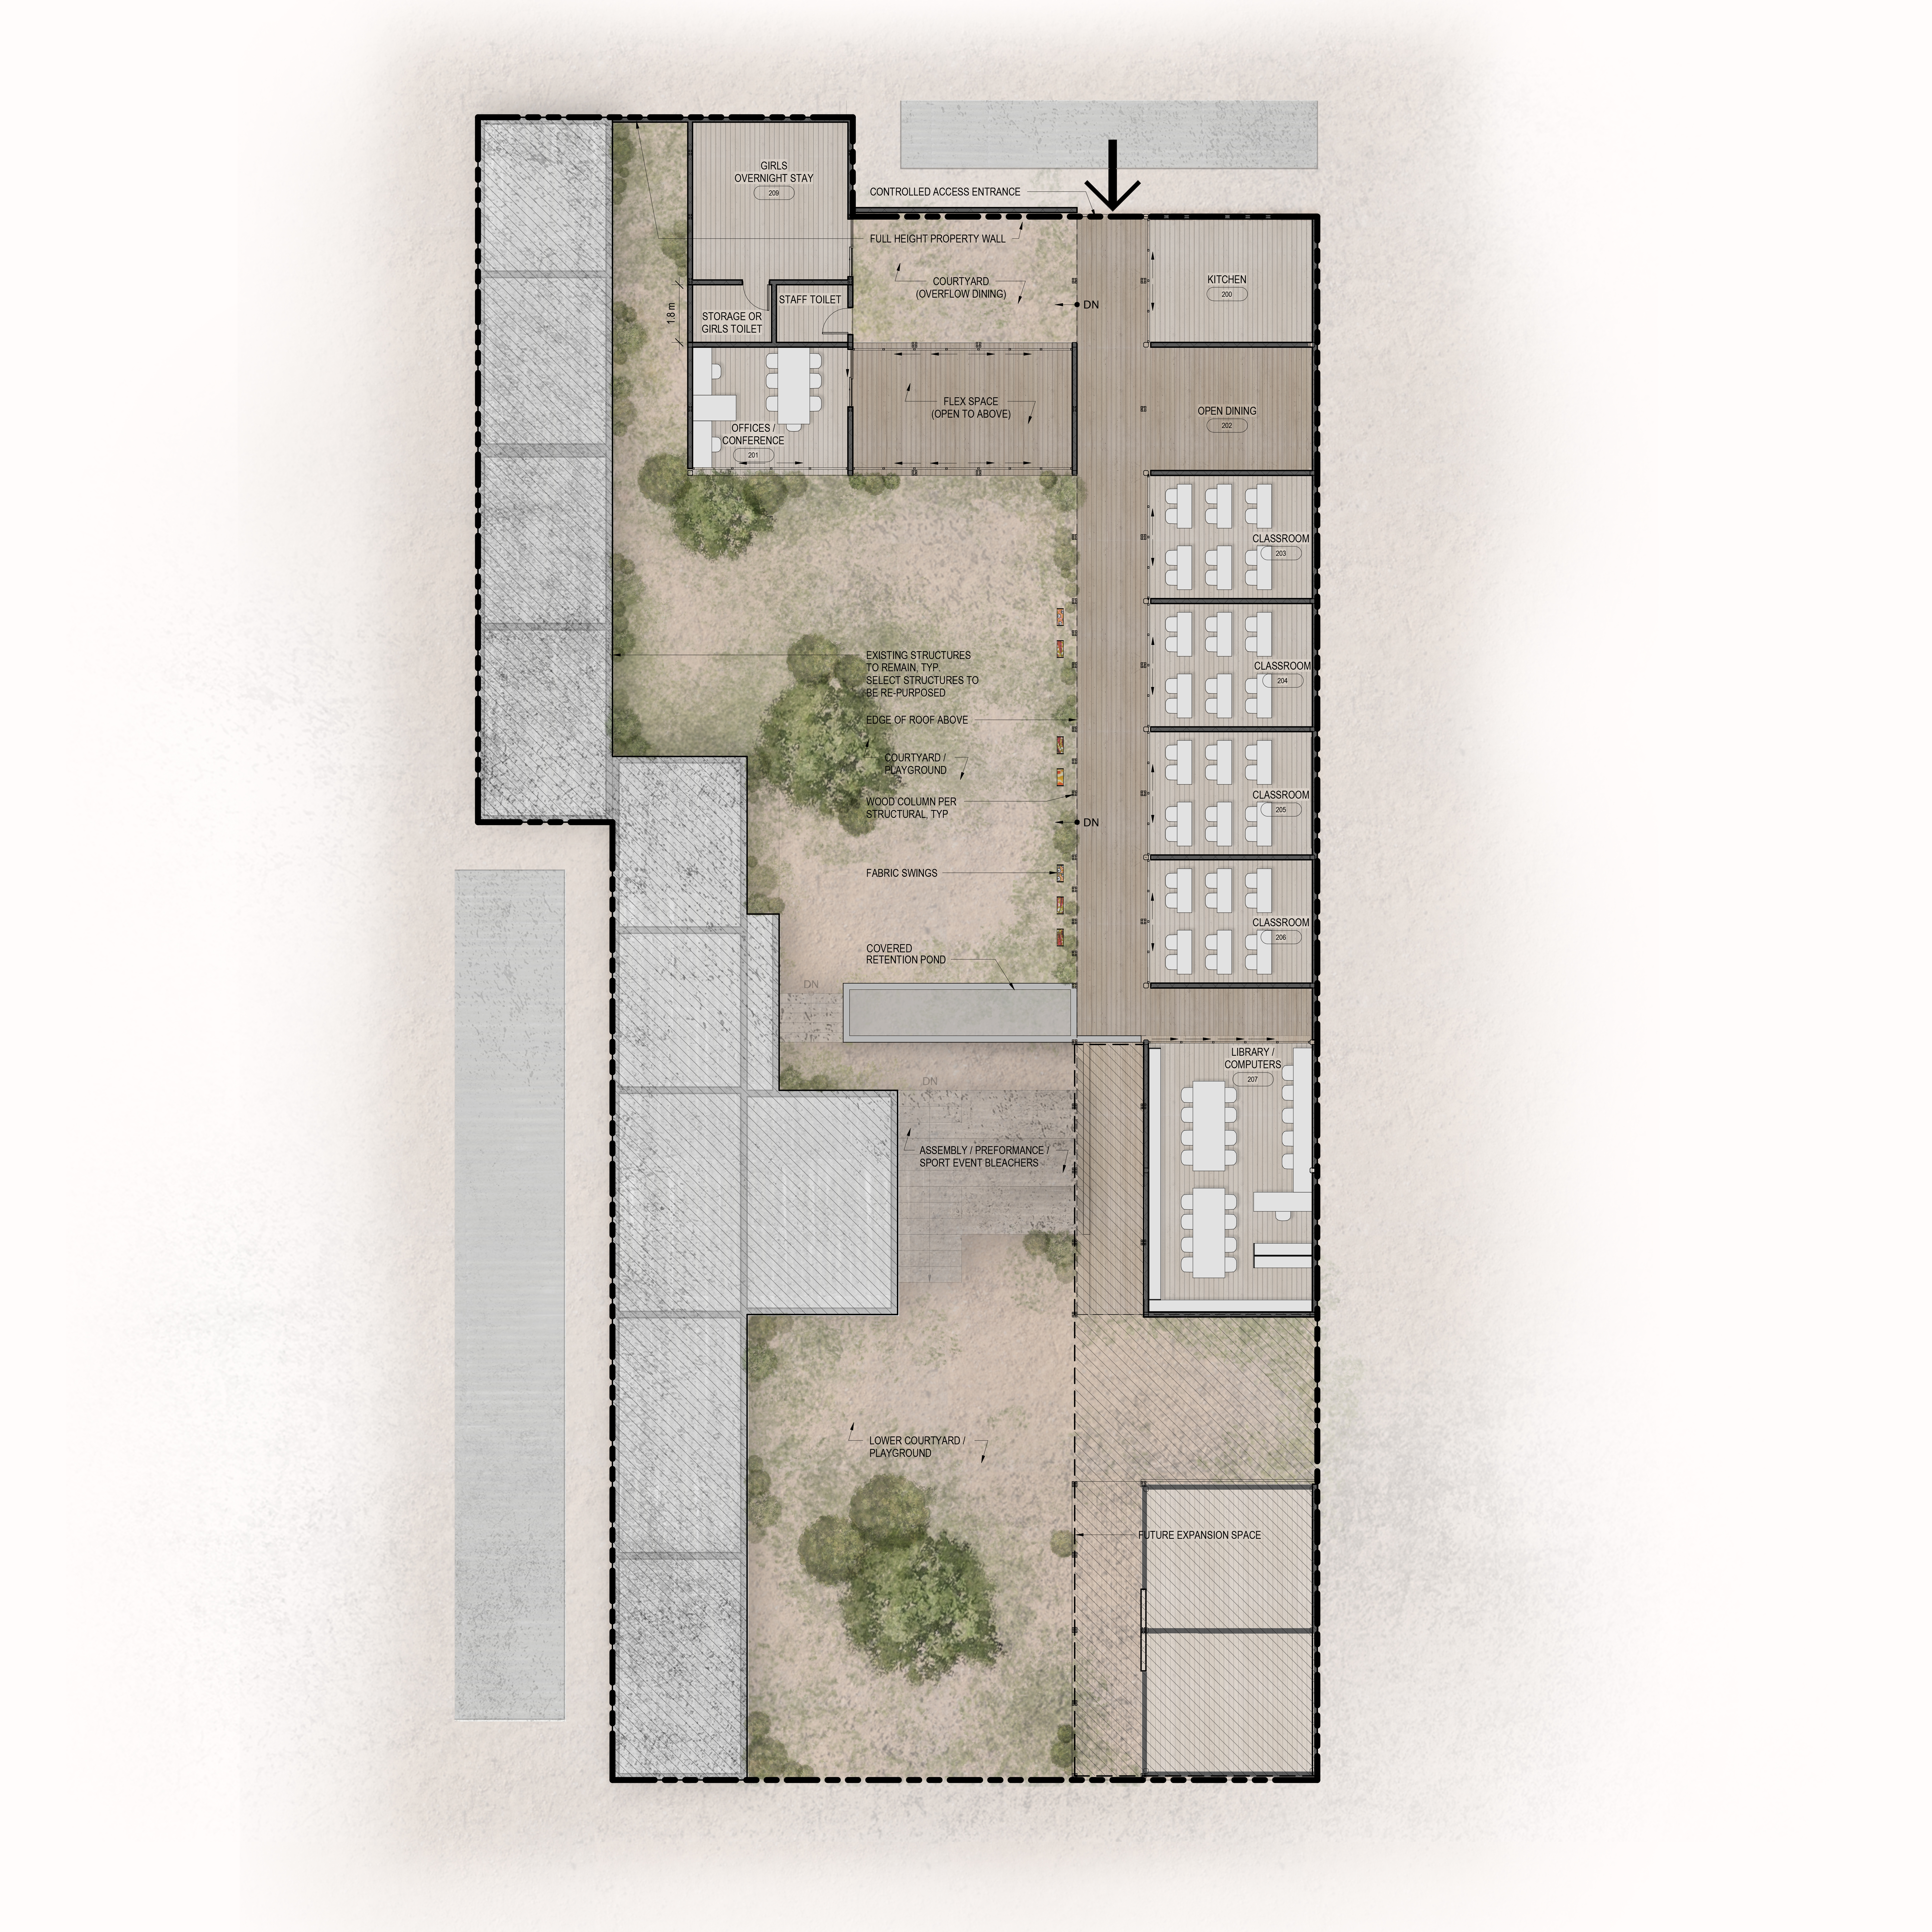 A2.10 Site Plan